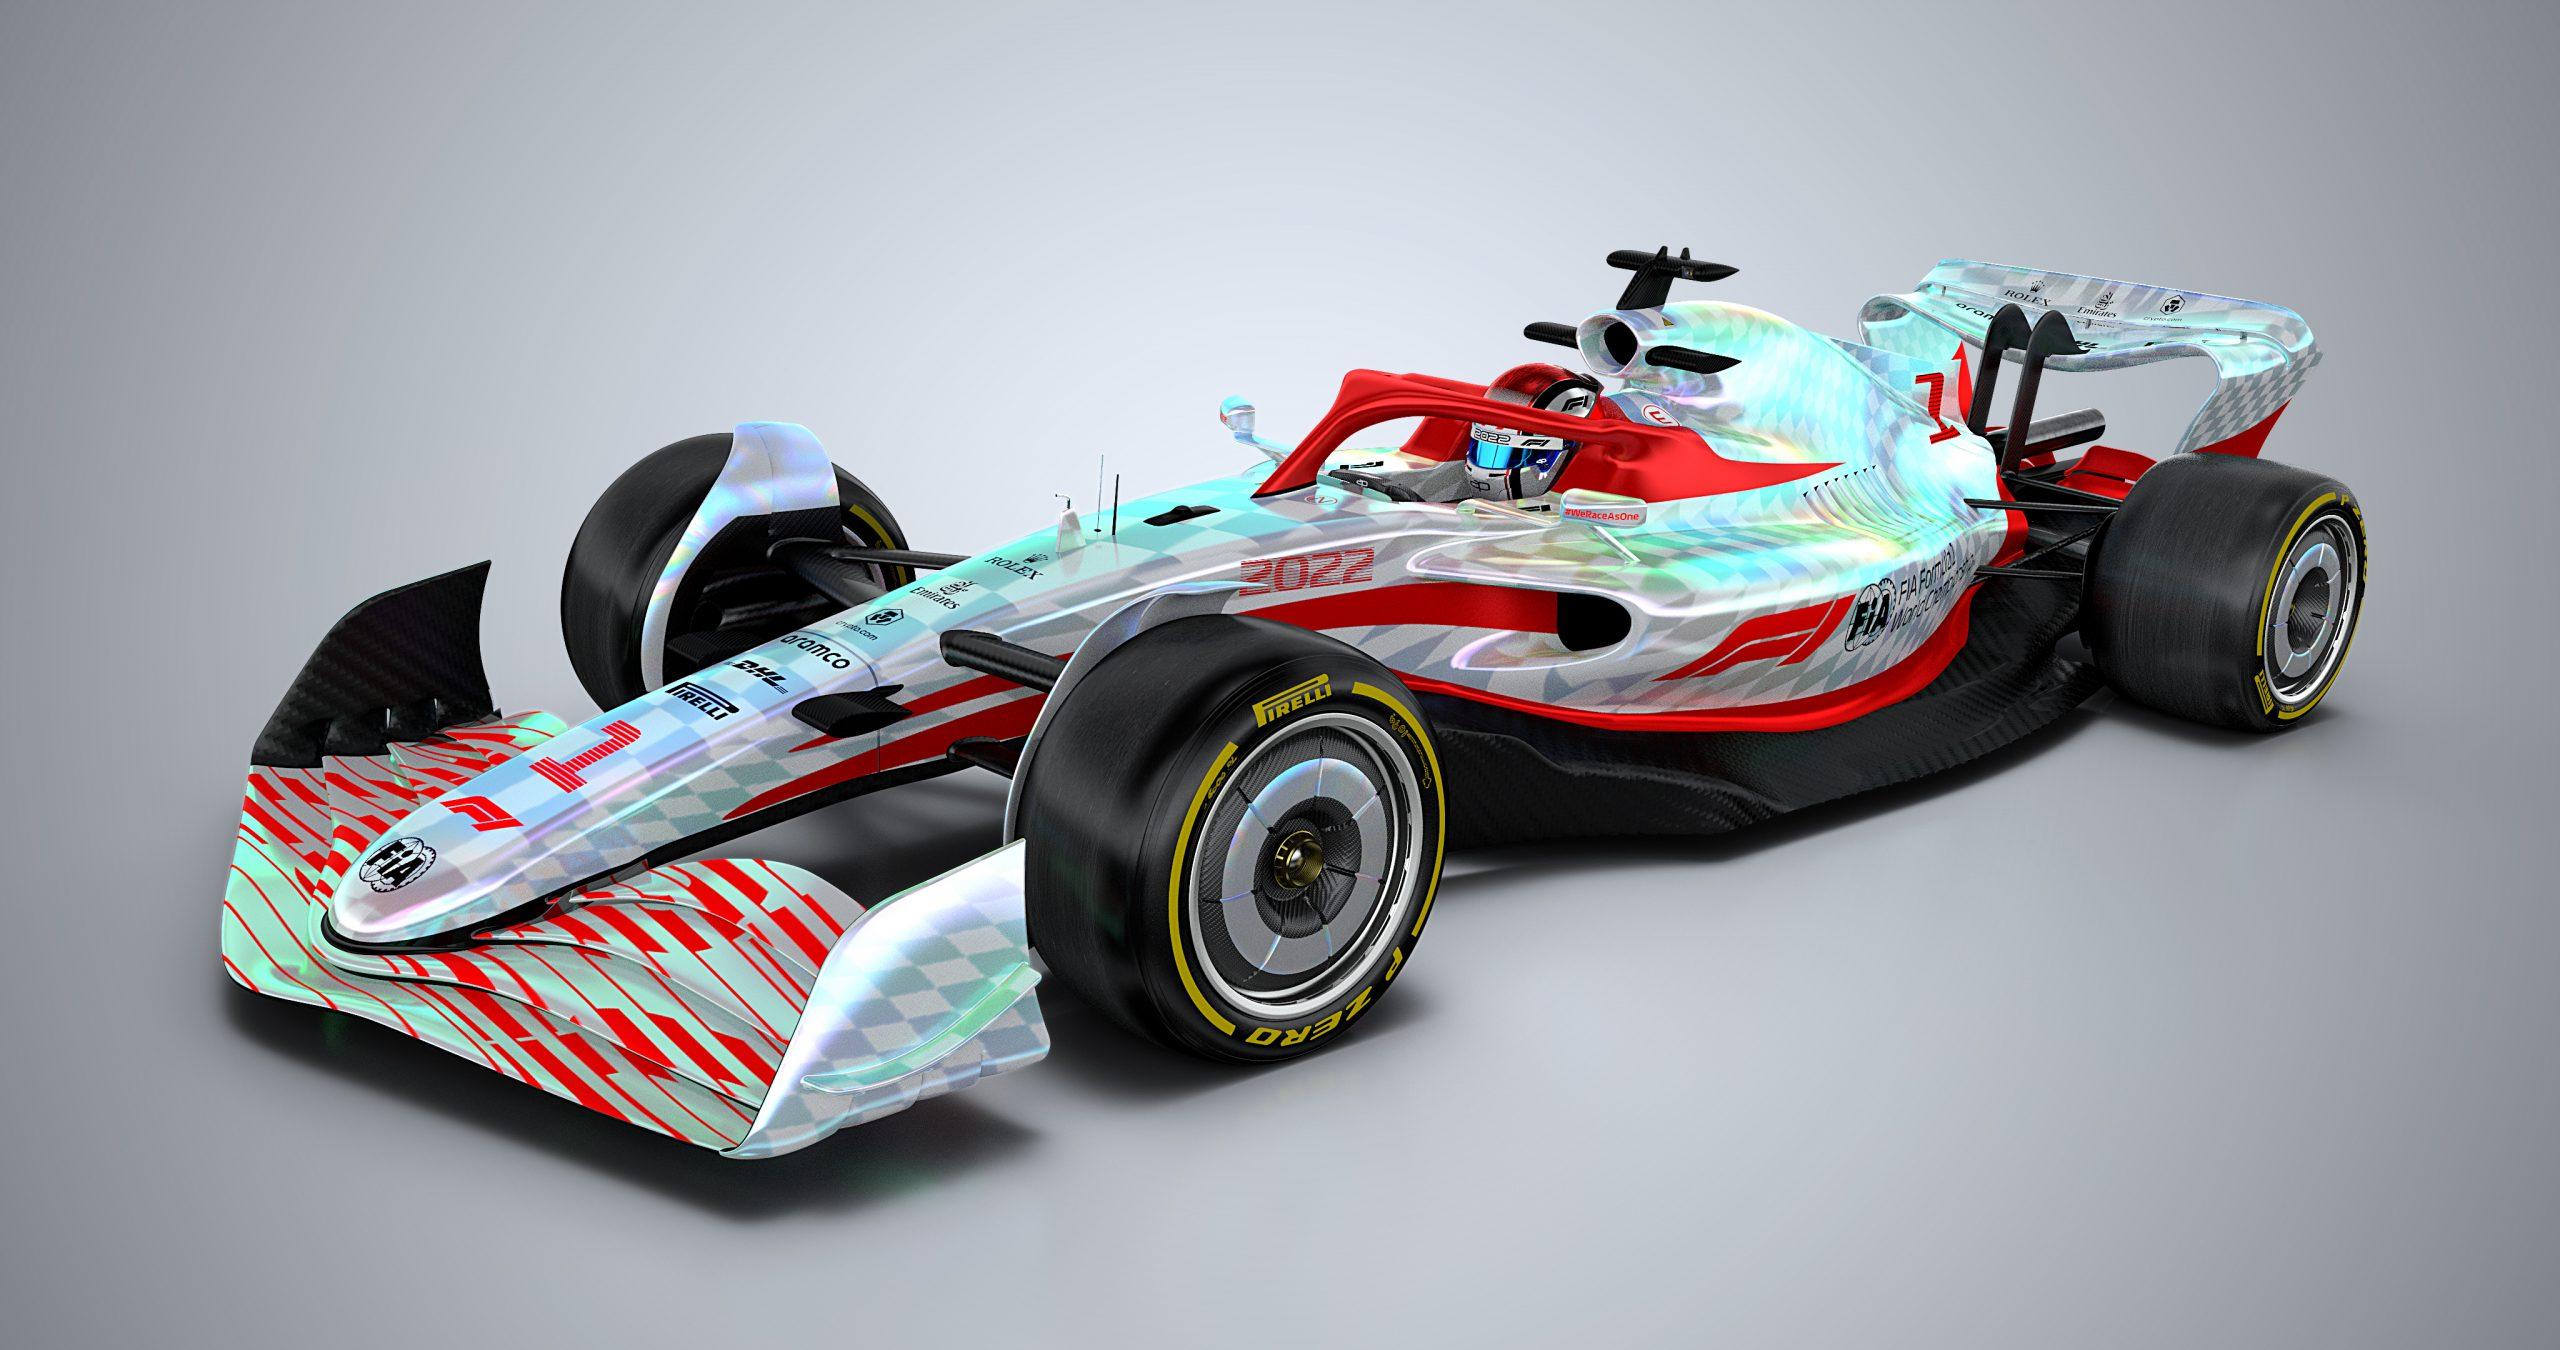 ¿Cuáles son las principales diferencias y cómo funciona el auto 2022 de Fórmula 1?